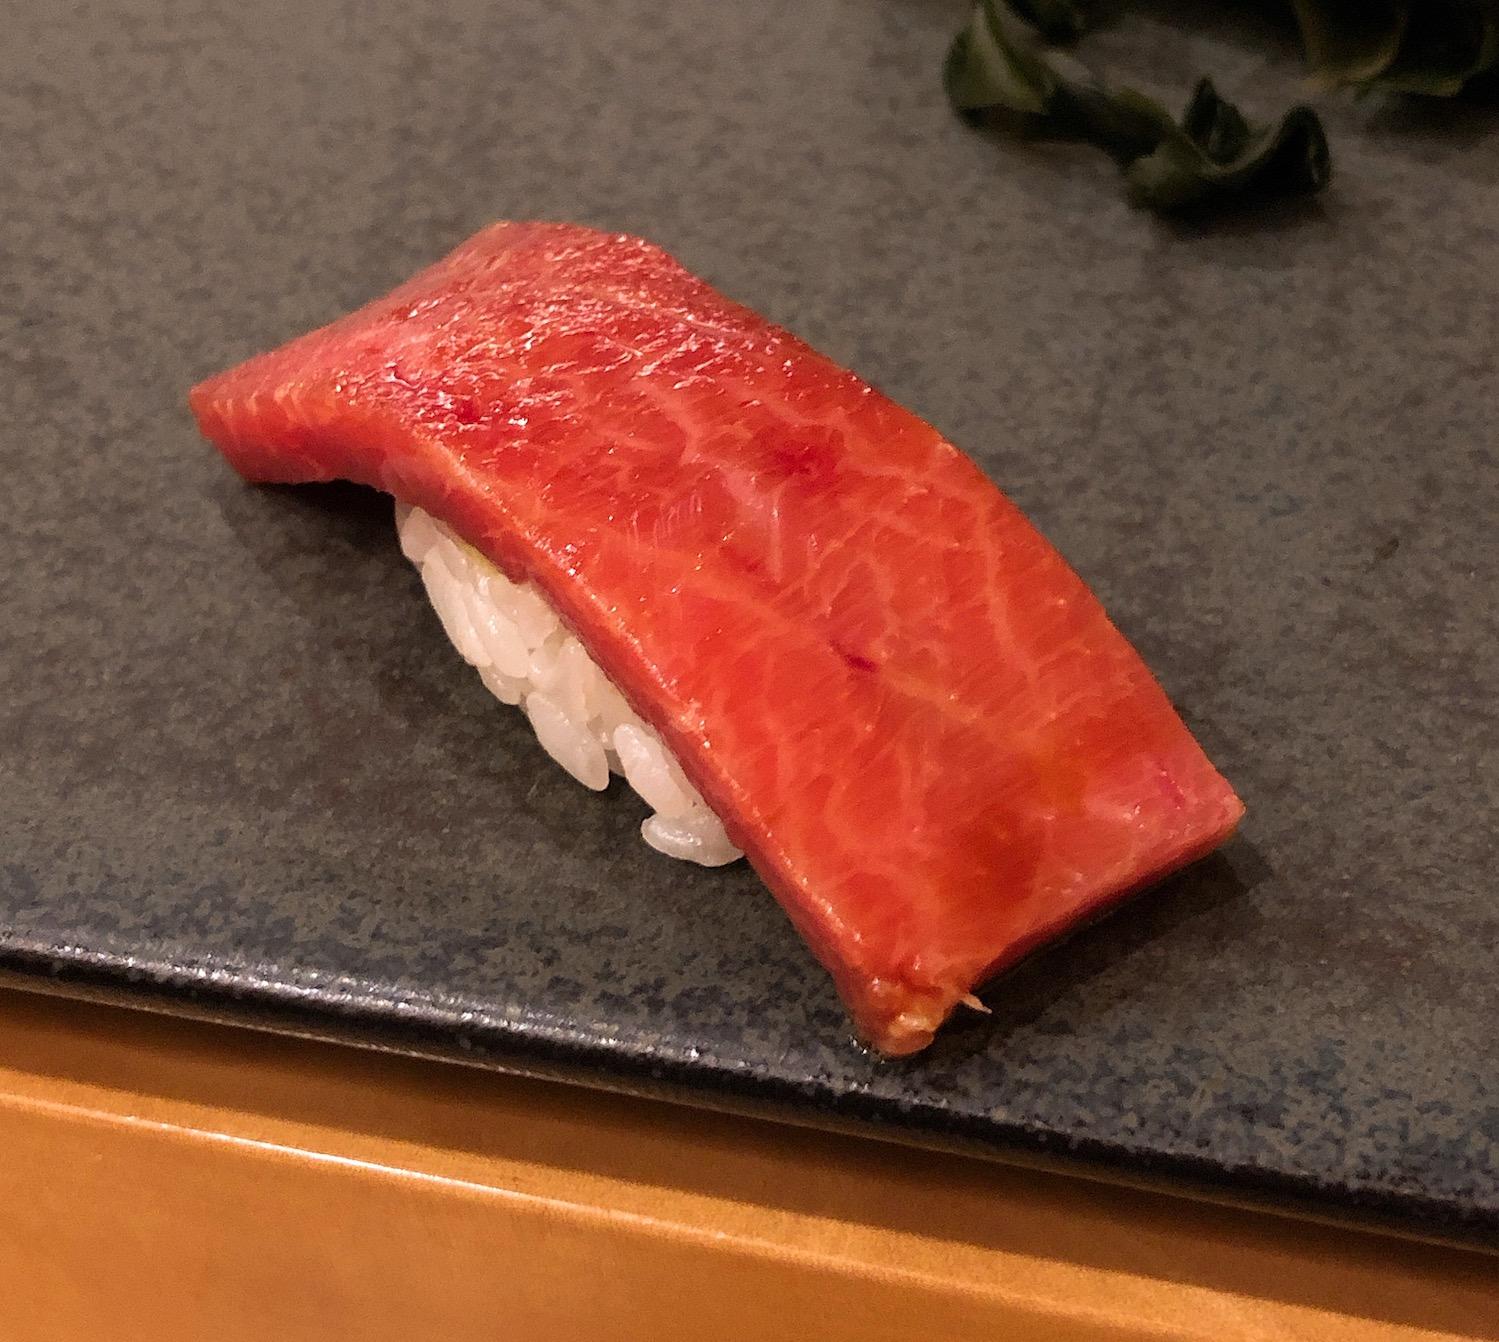 久屋大通|1日3組限定。熟成にこだわり素材の旨みを引き出す高級江戸前鮨